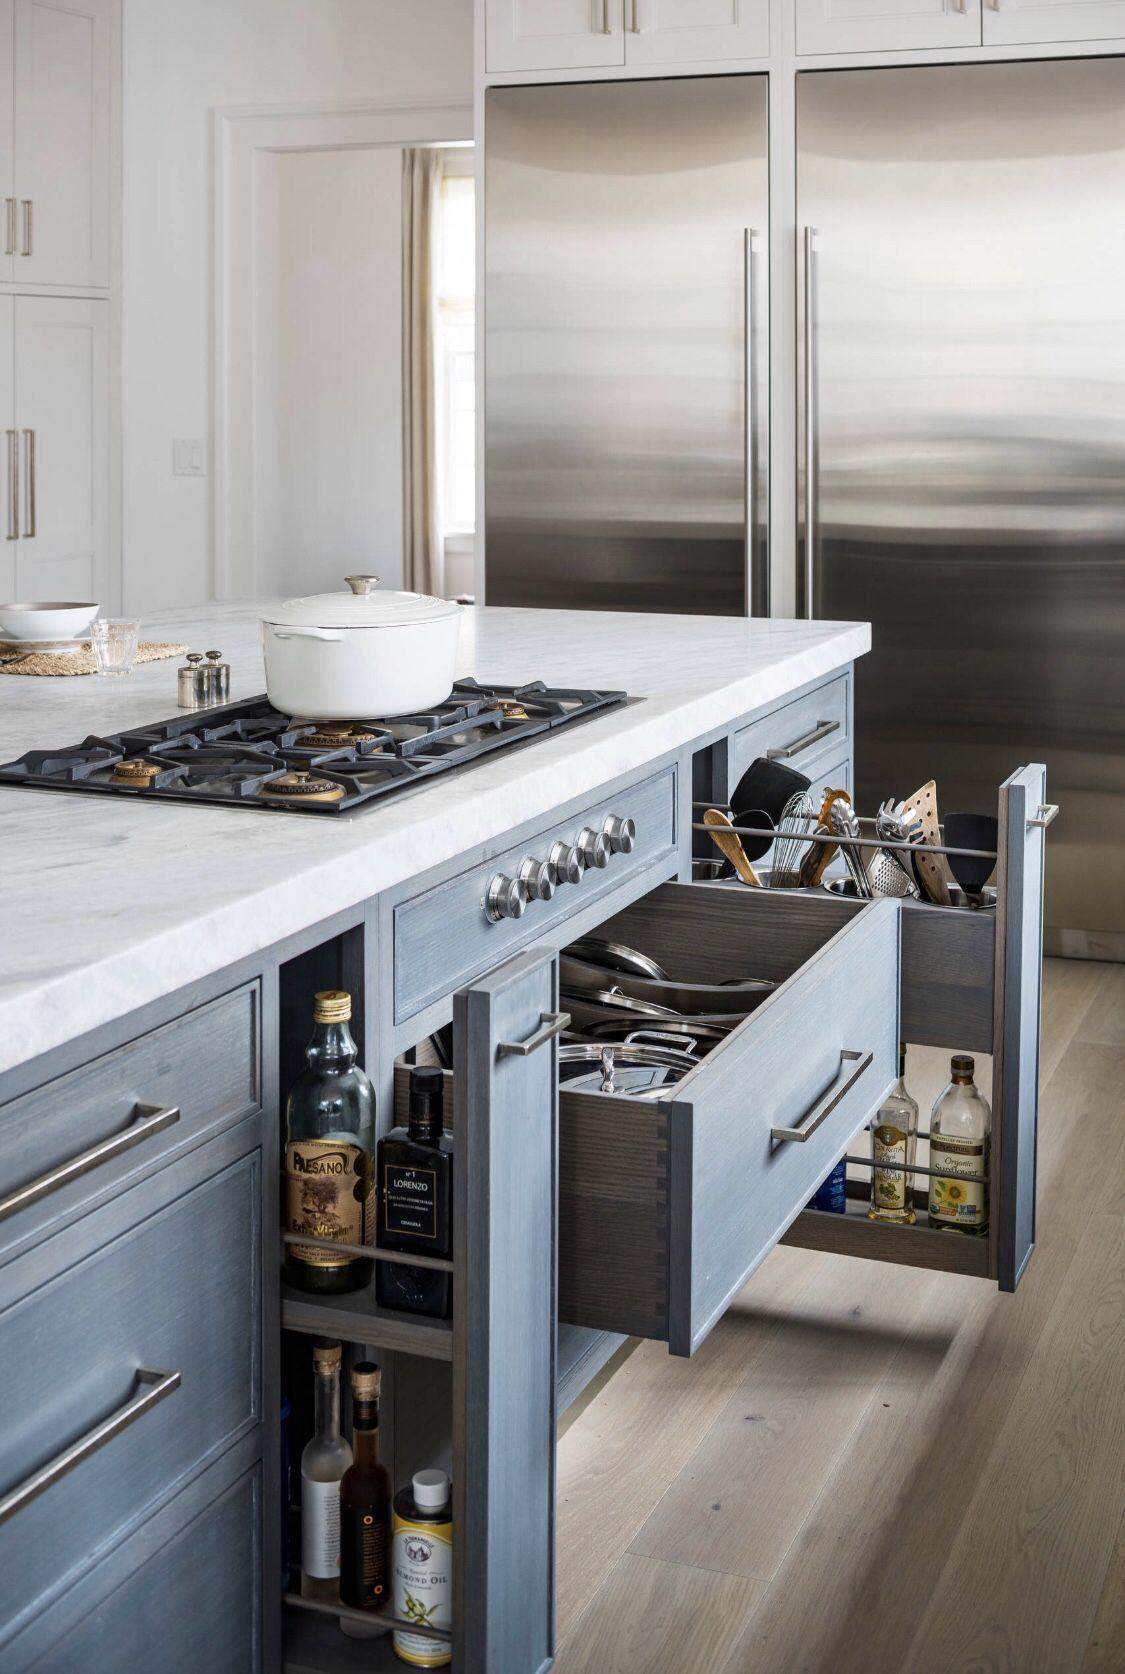 Kitchen Design Kitchen Island Countertop Kitchen Island Storage Kitchen Island With Stove